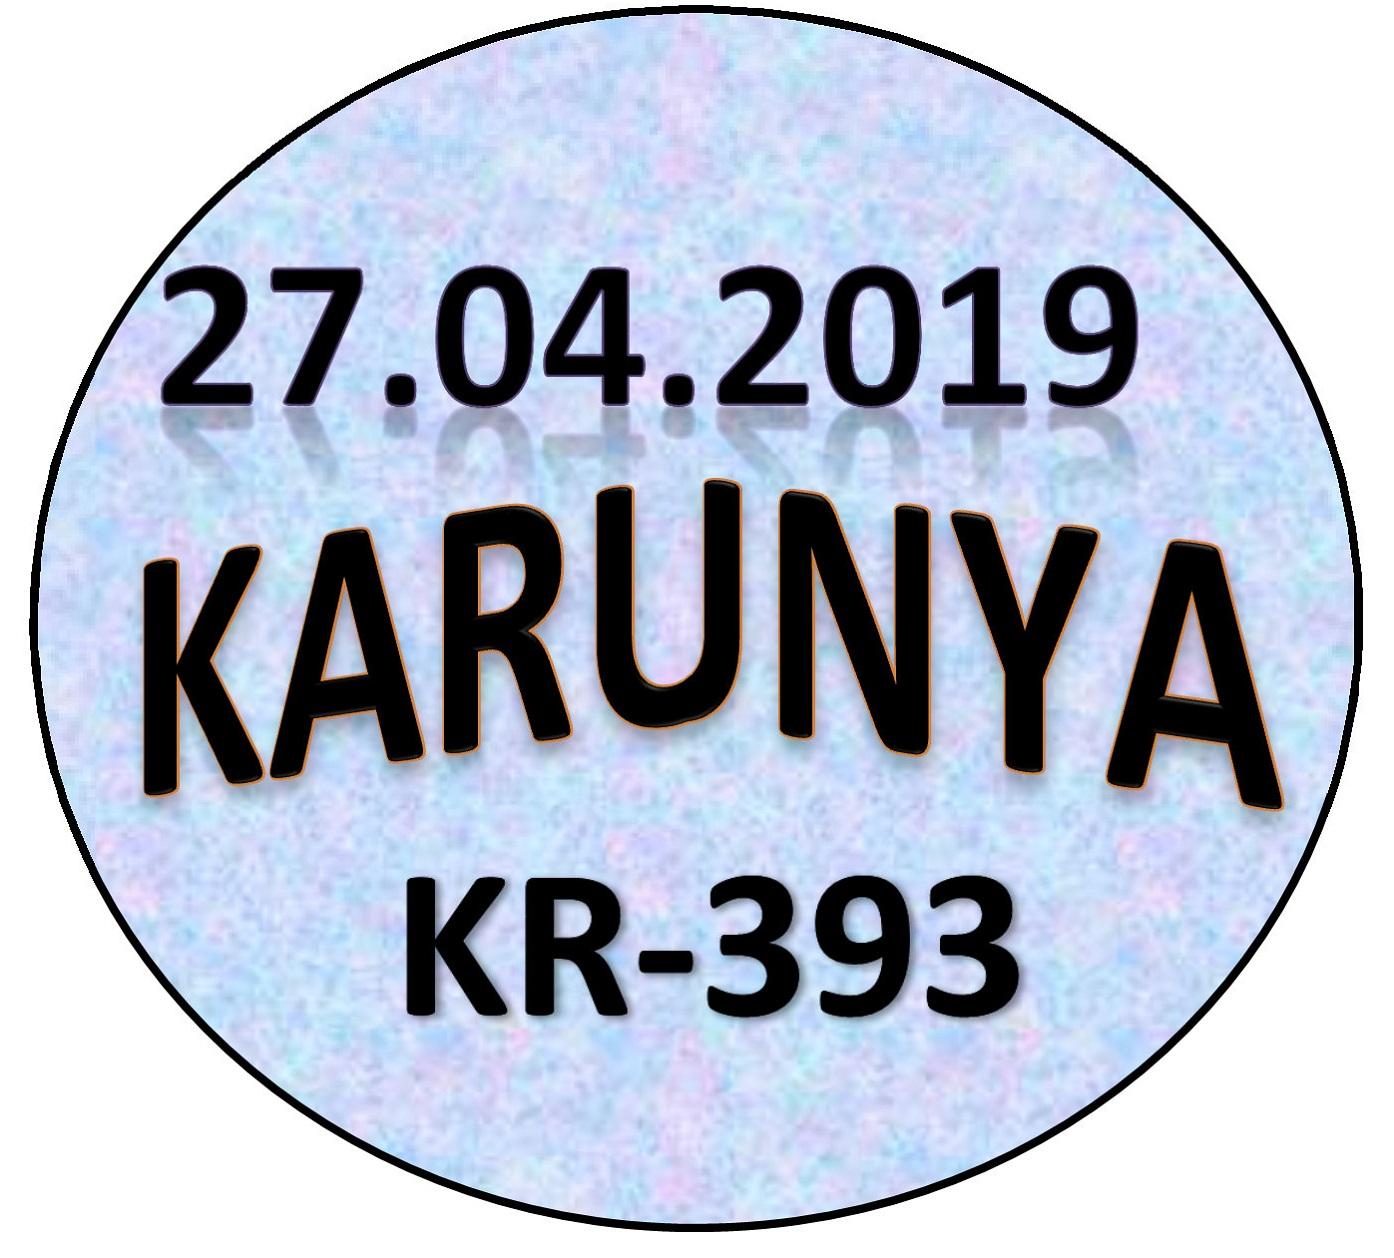 KARUNYA KR-393 | 27 04 2019 | Kerala Lottery Guessing and